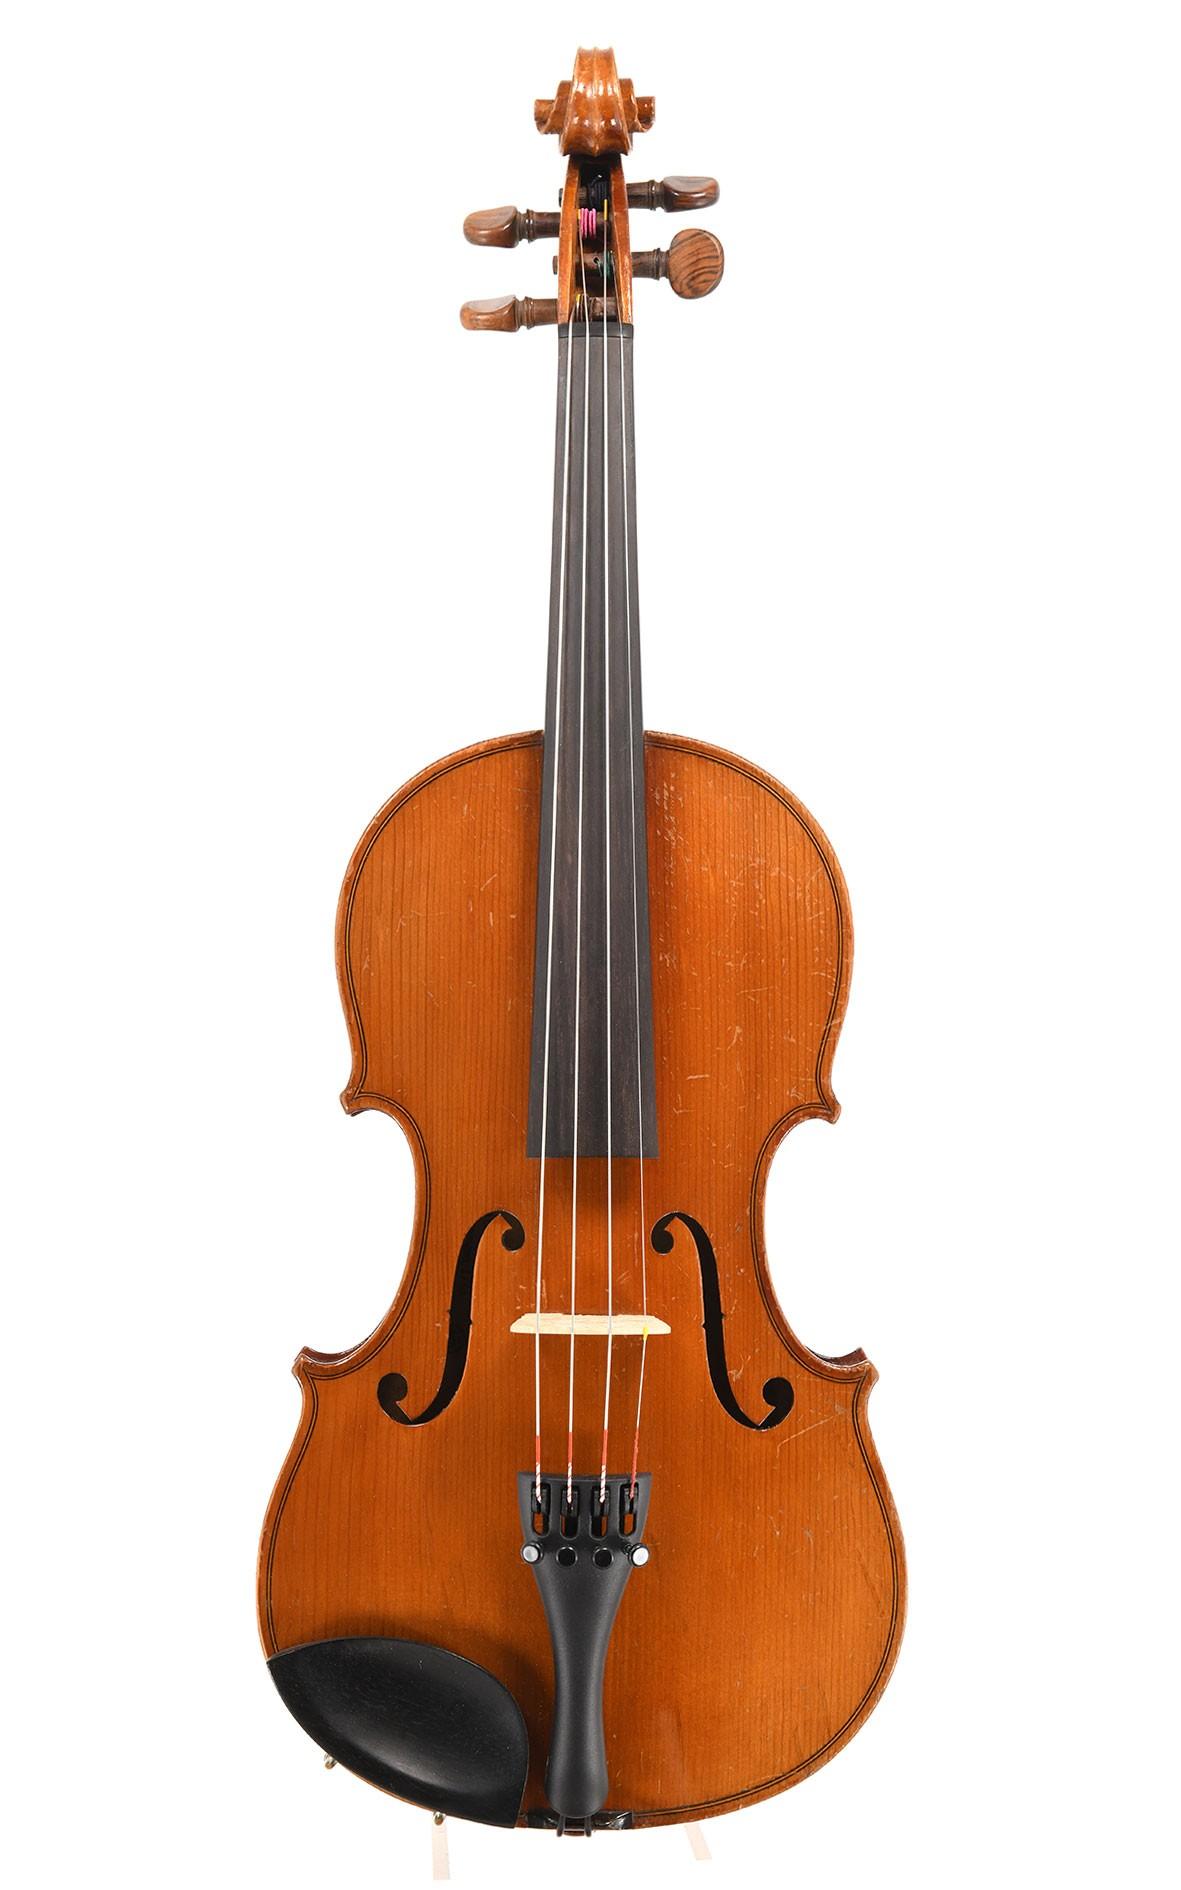 Antike französische 3/4 Violine von J.T.L. - Jerome Thibouville-Lamy